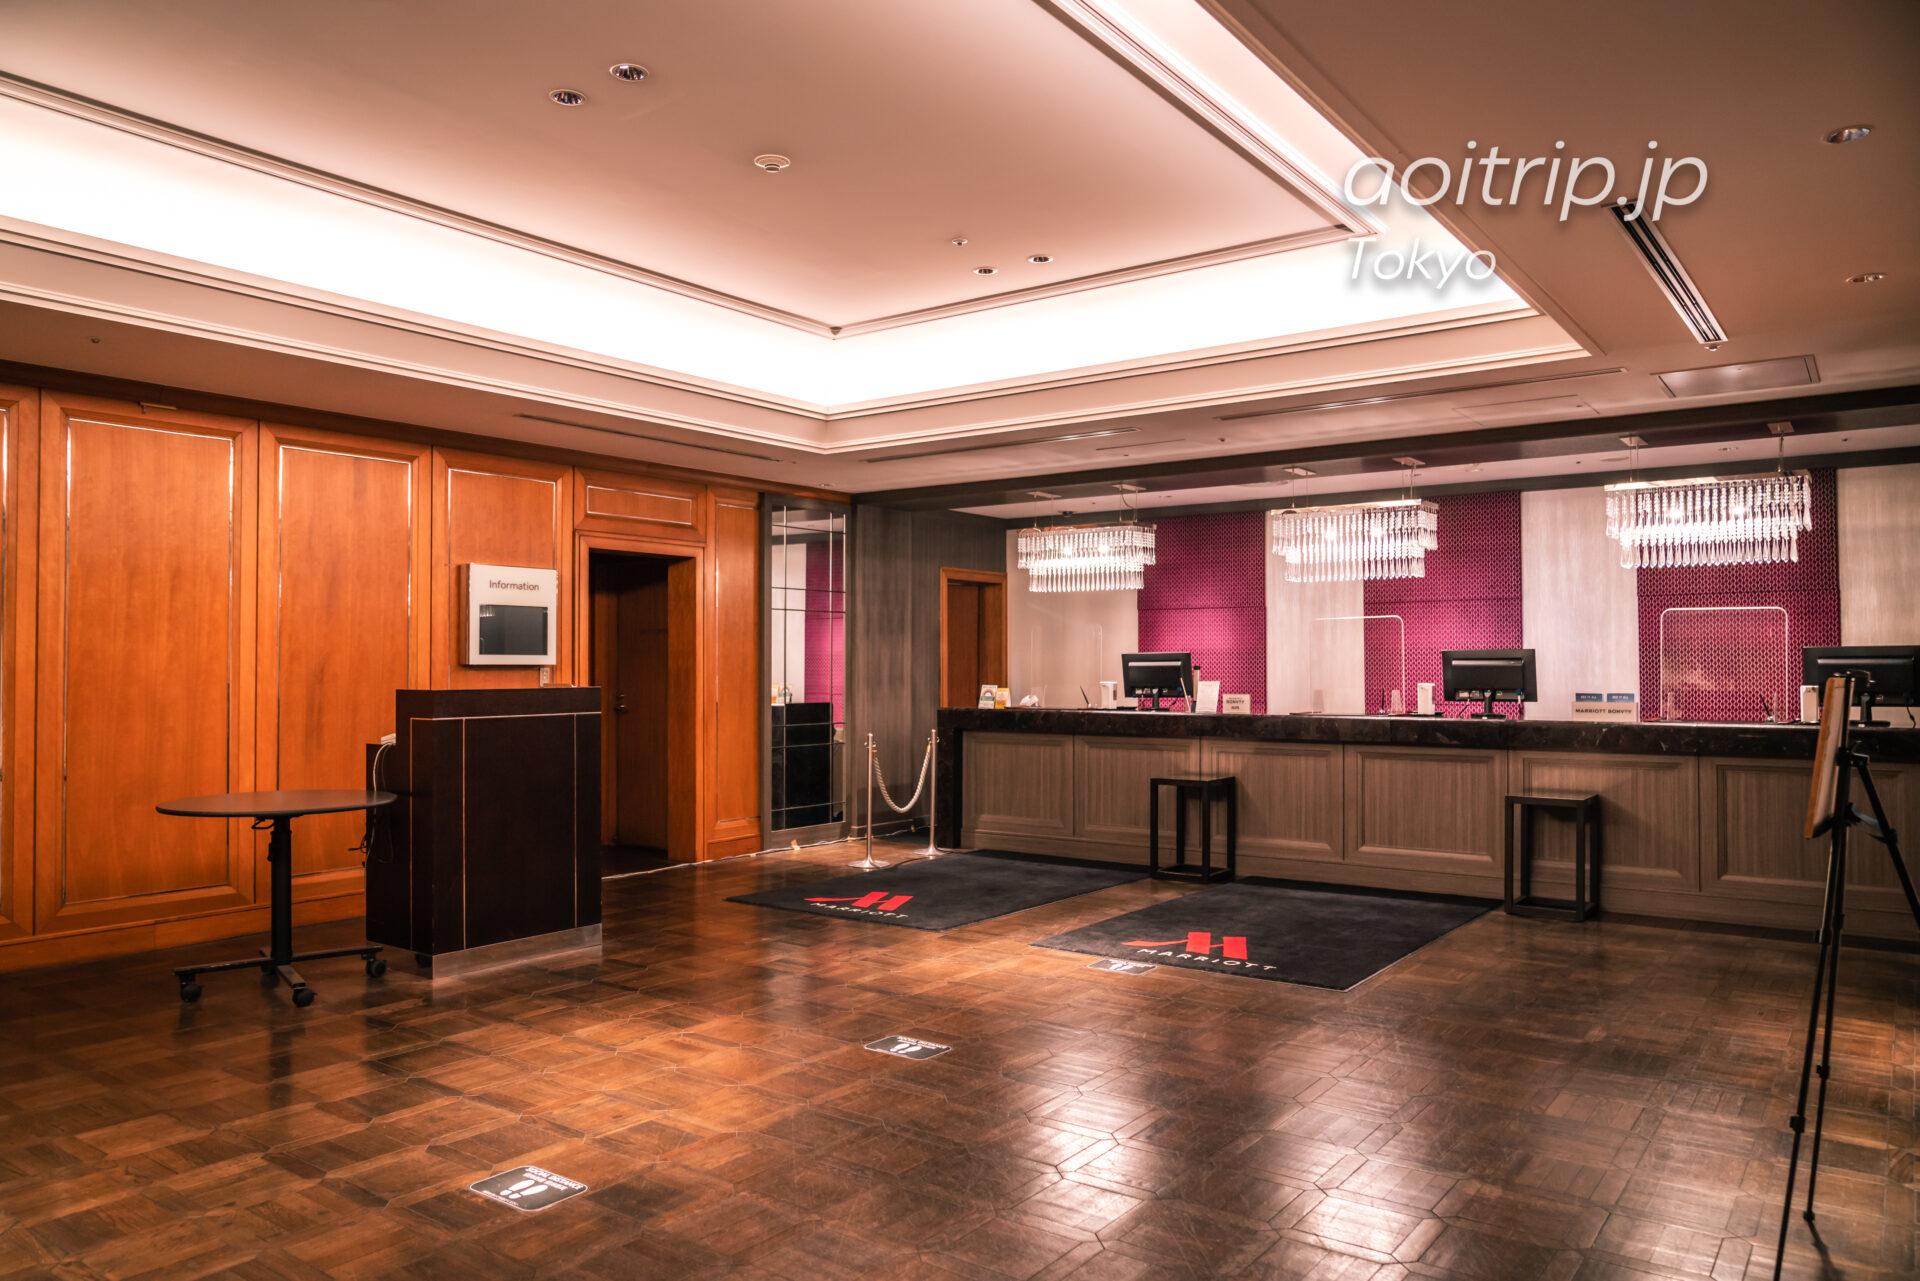 東京マリオットホテルのロビー・レセプション